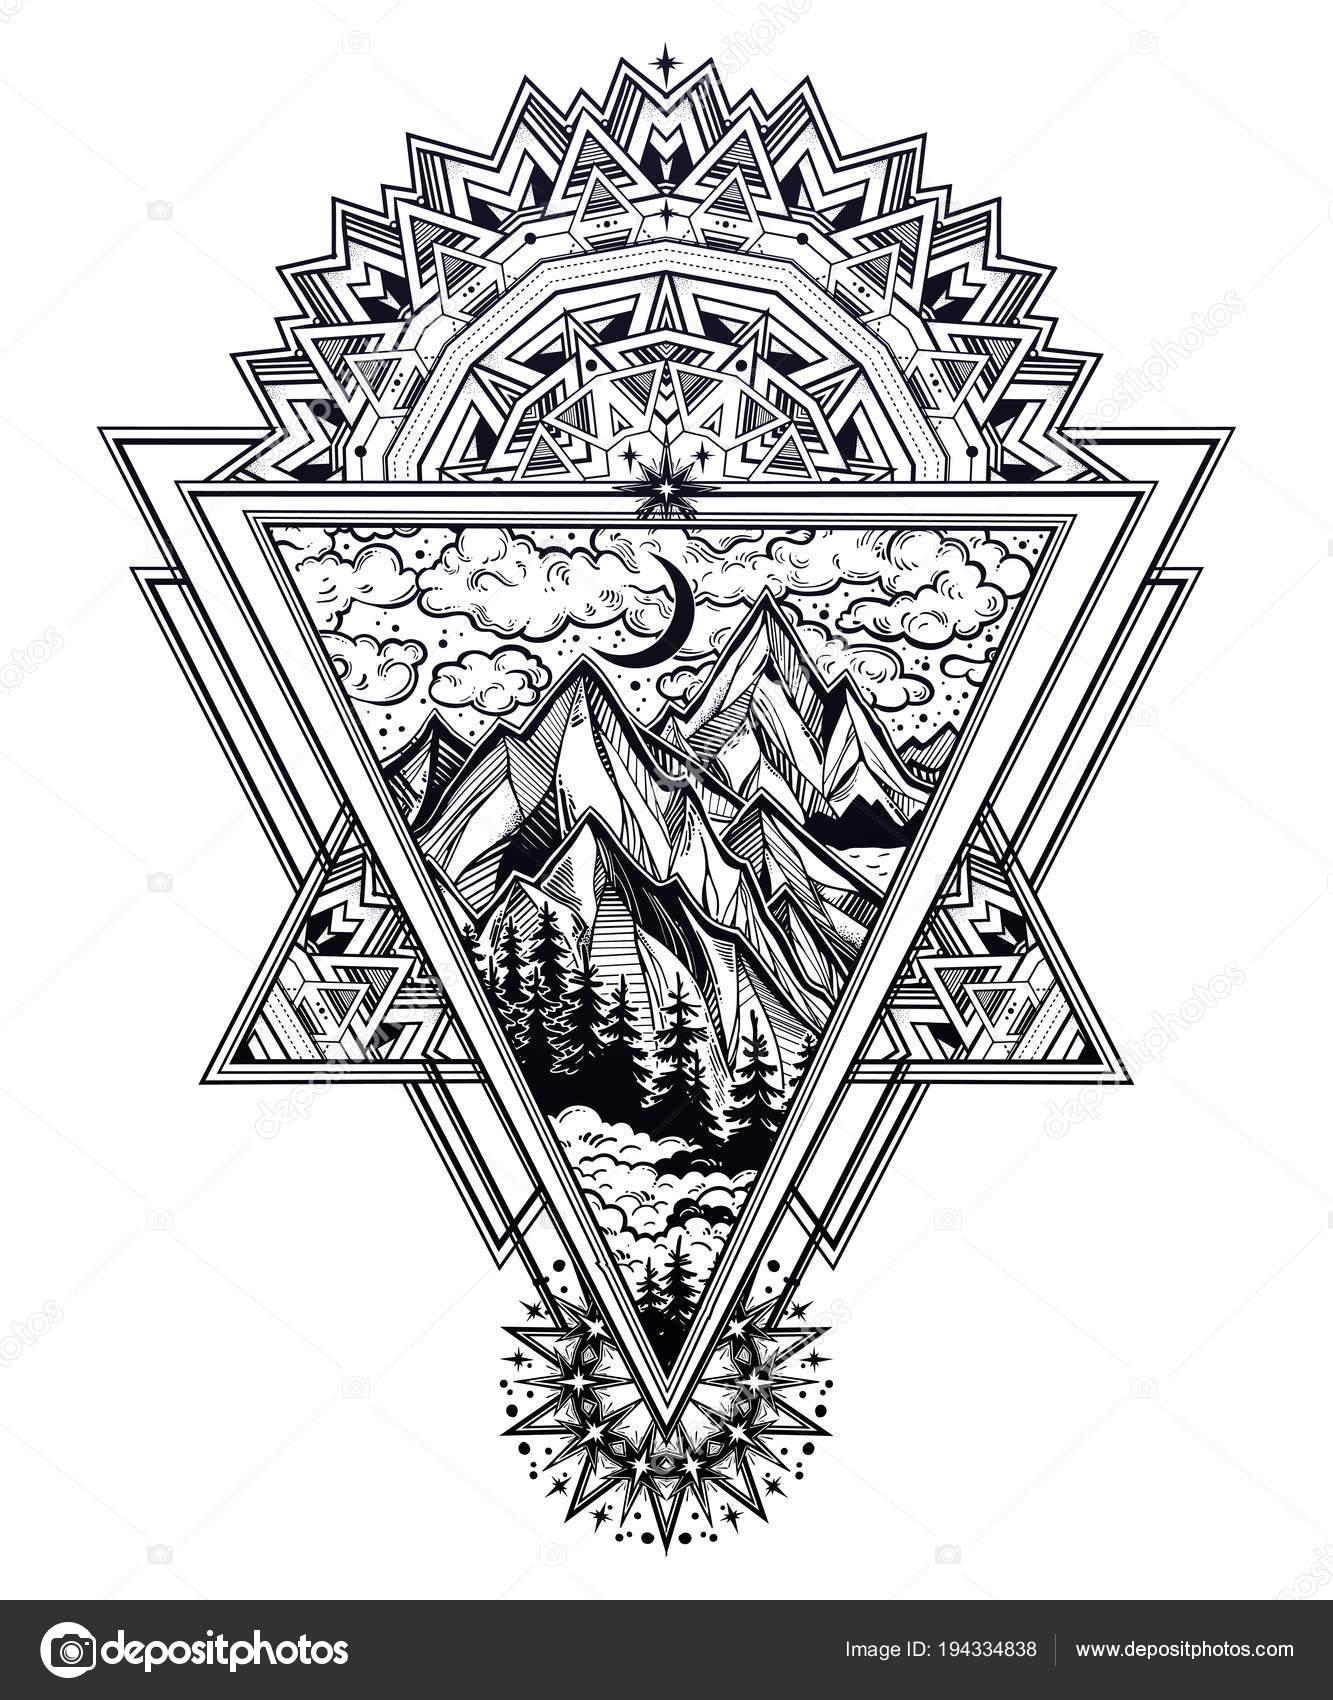 Marco de triángulo con el paisaje de bosques y montañas — Archivo ...